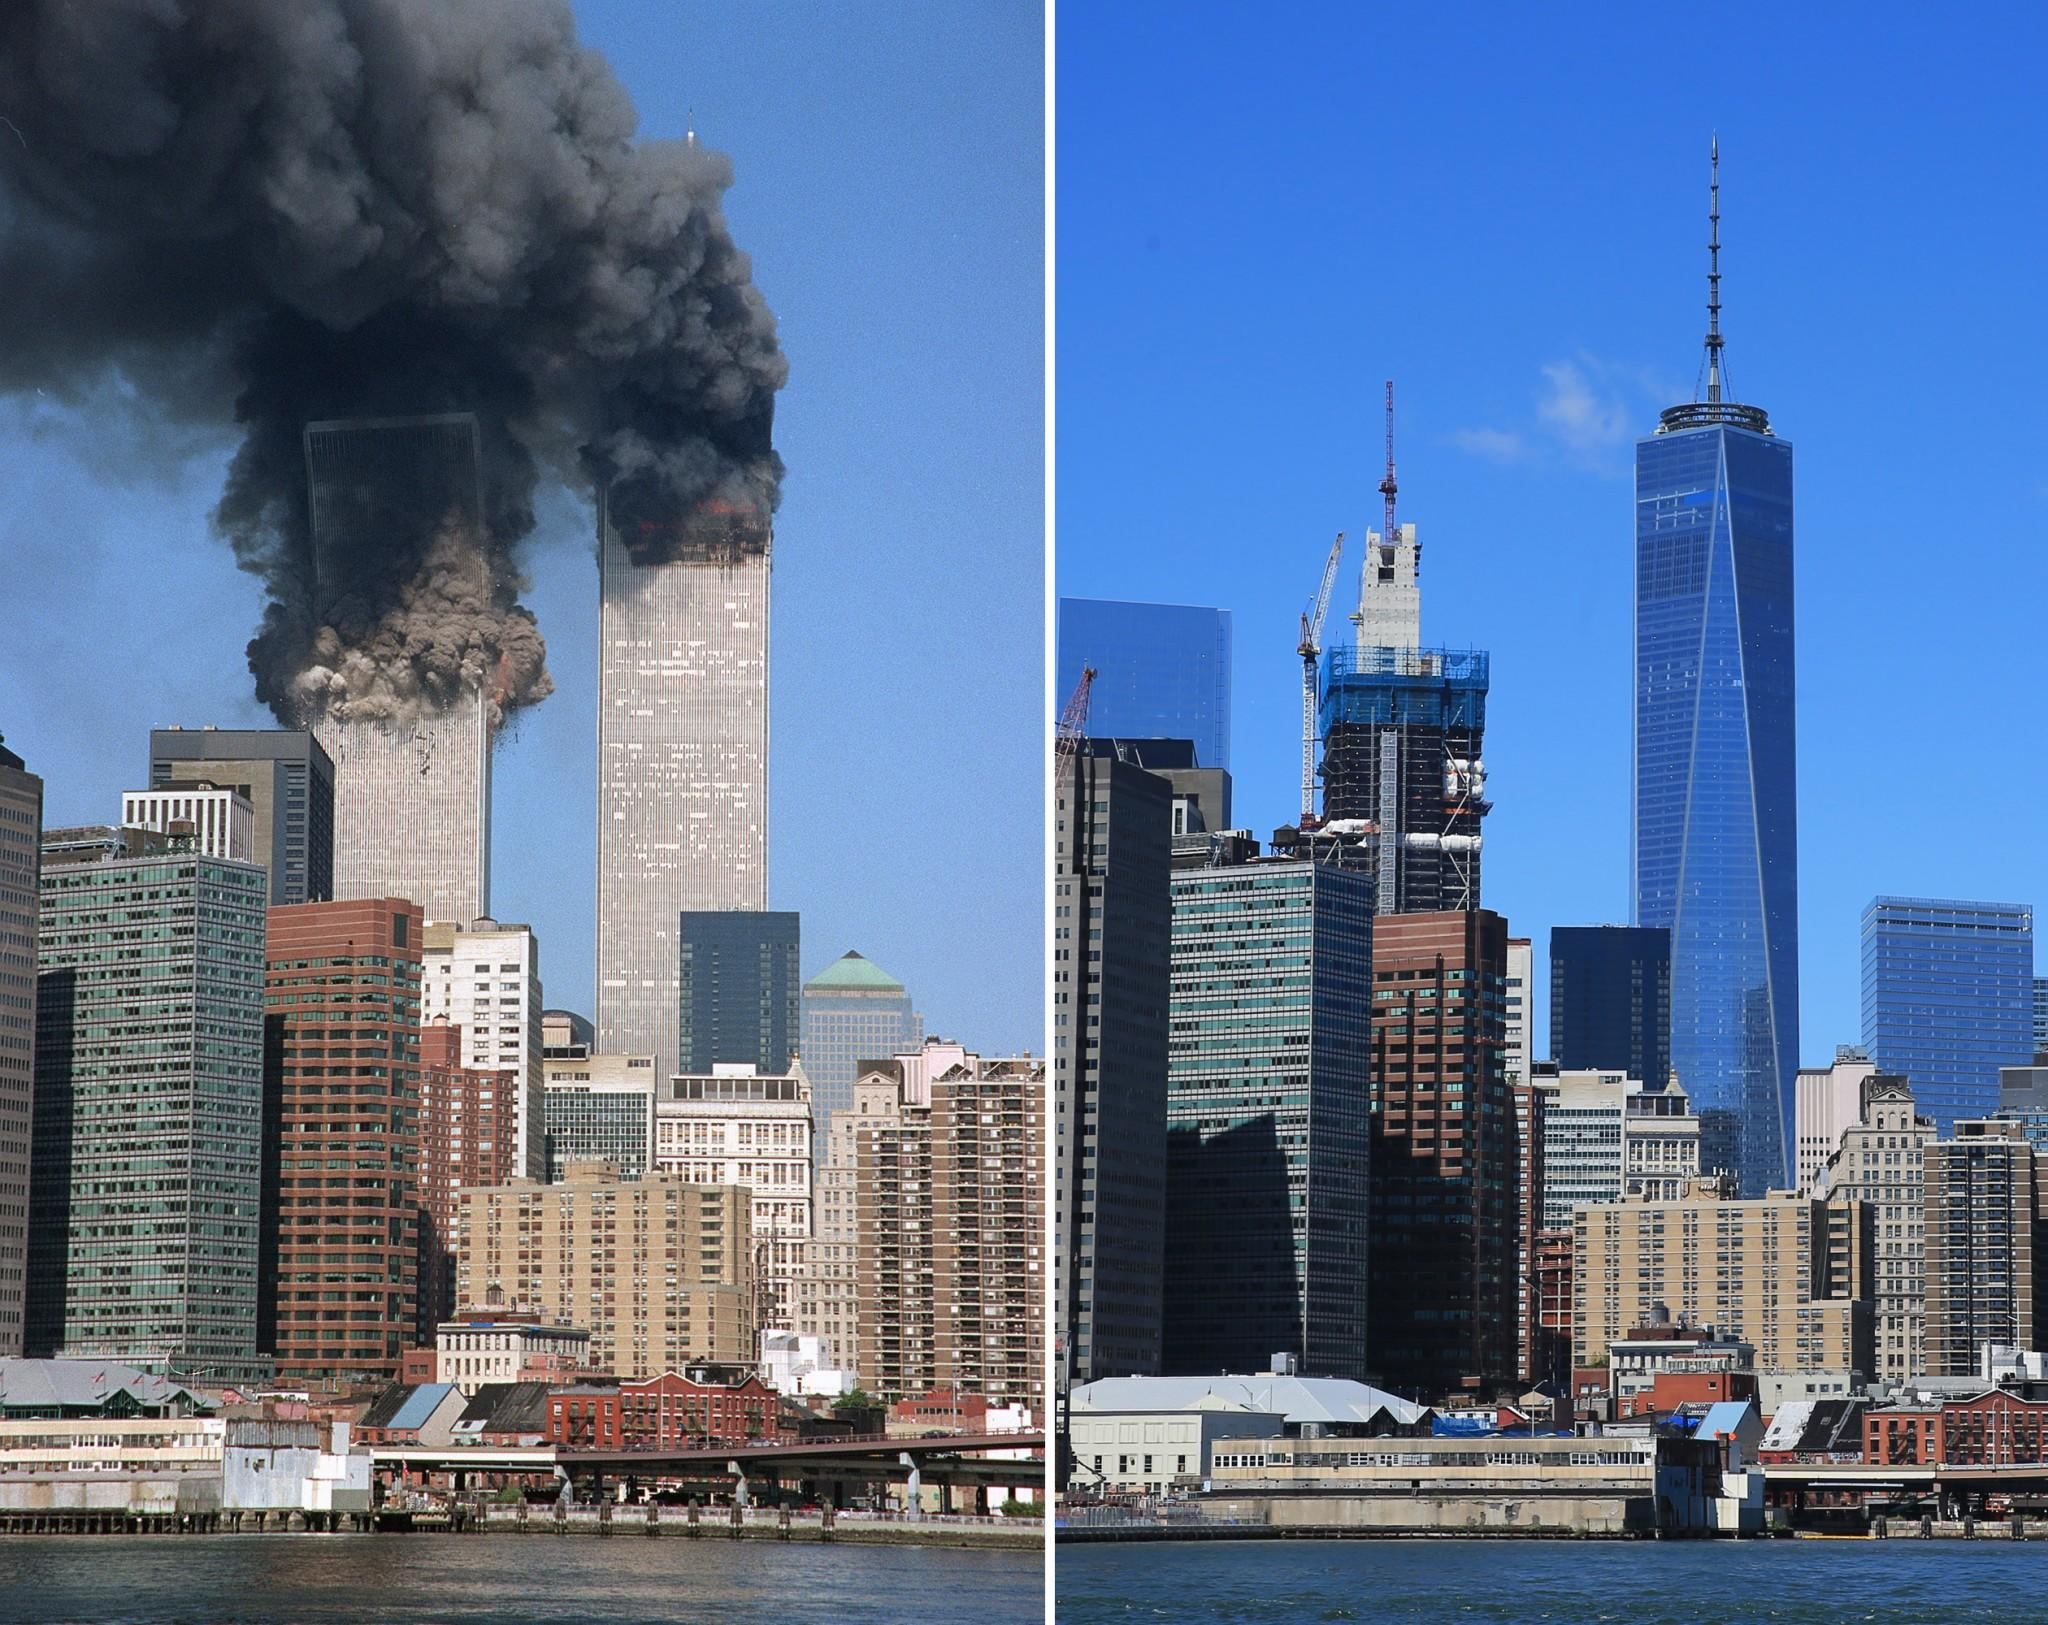 башни близнецы до и после фото мясо есть, мясорубка